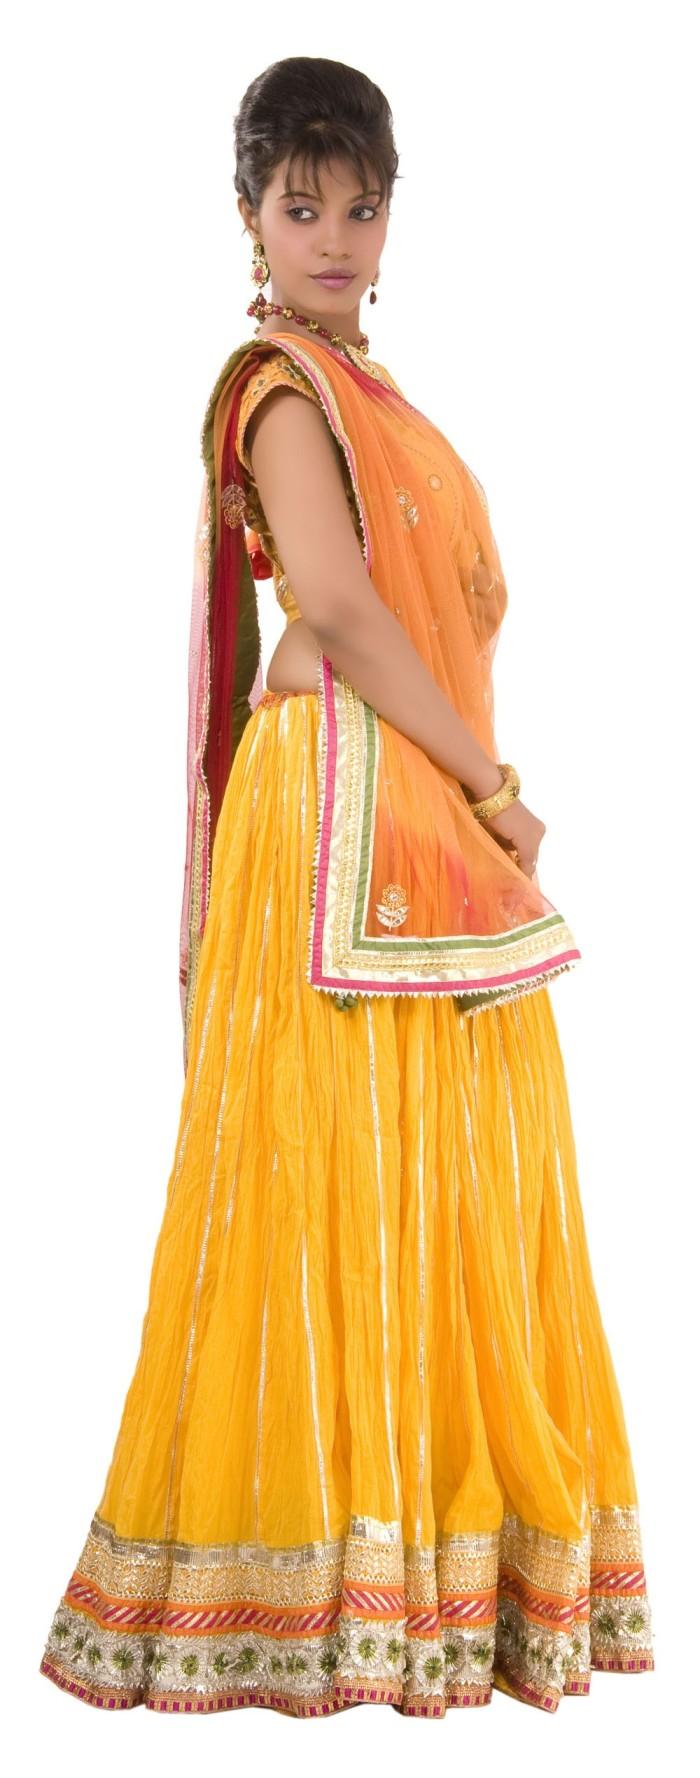 Yellow Lehenga Choli - LEHENGAS - WOMEN'S WEAR